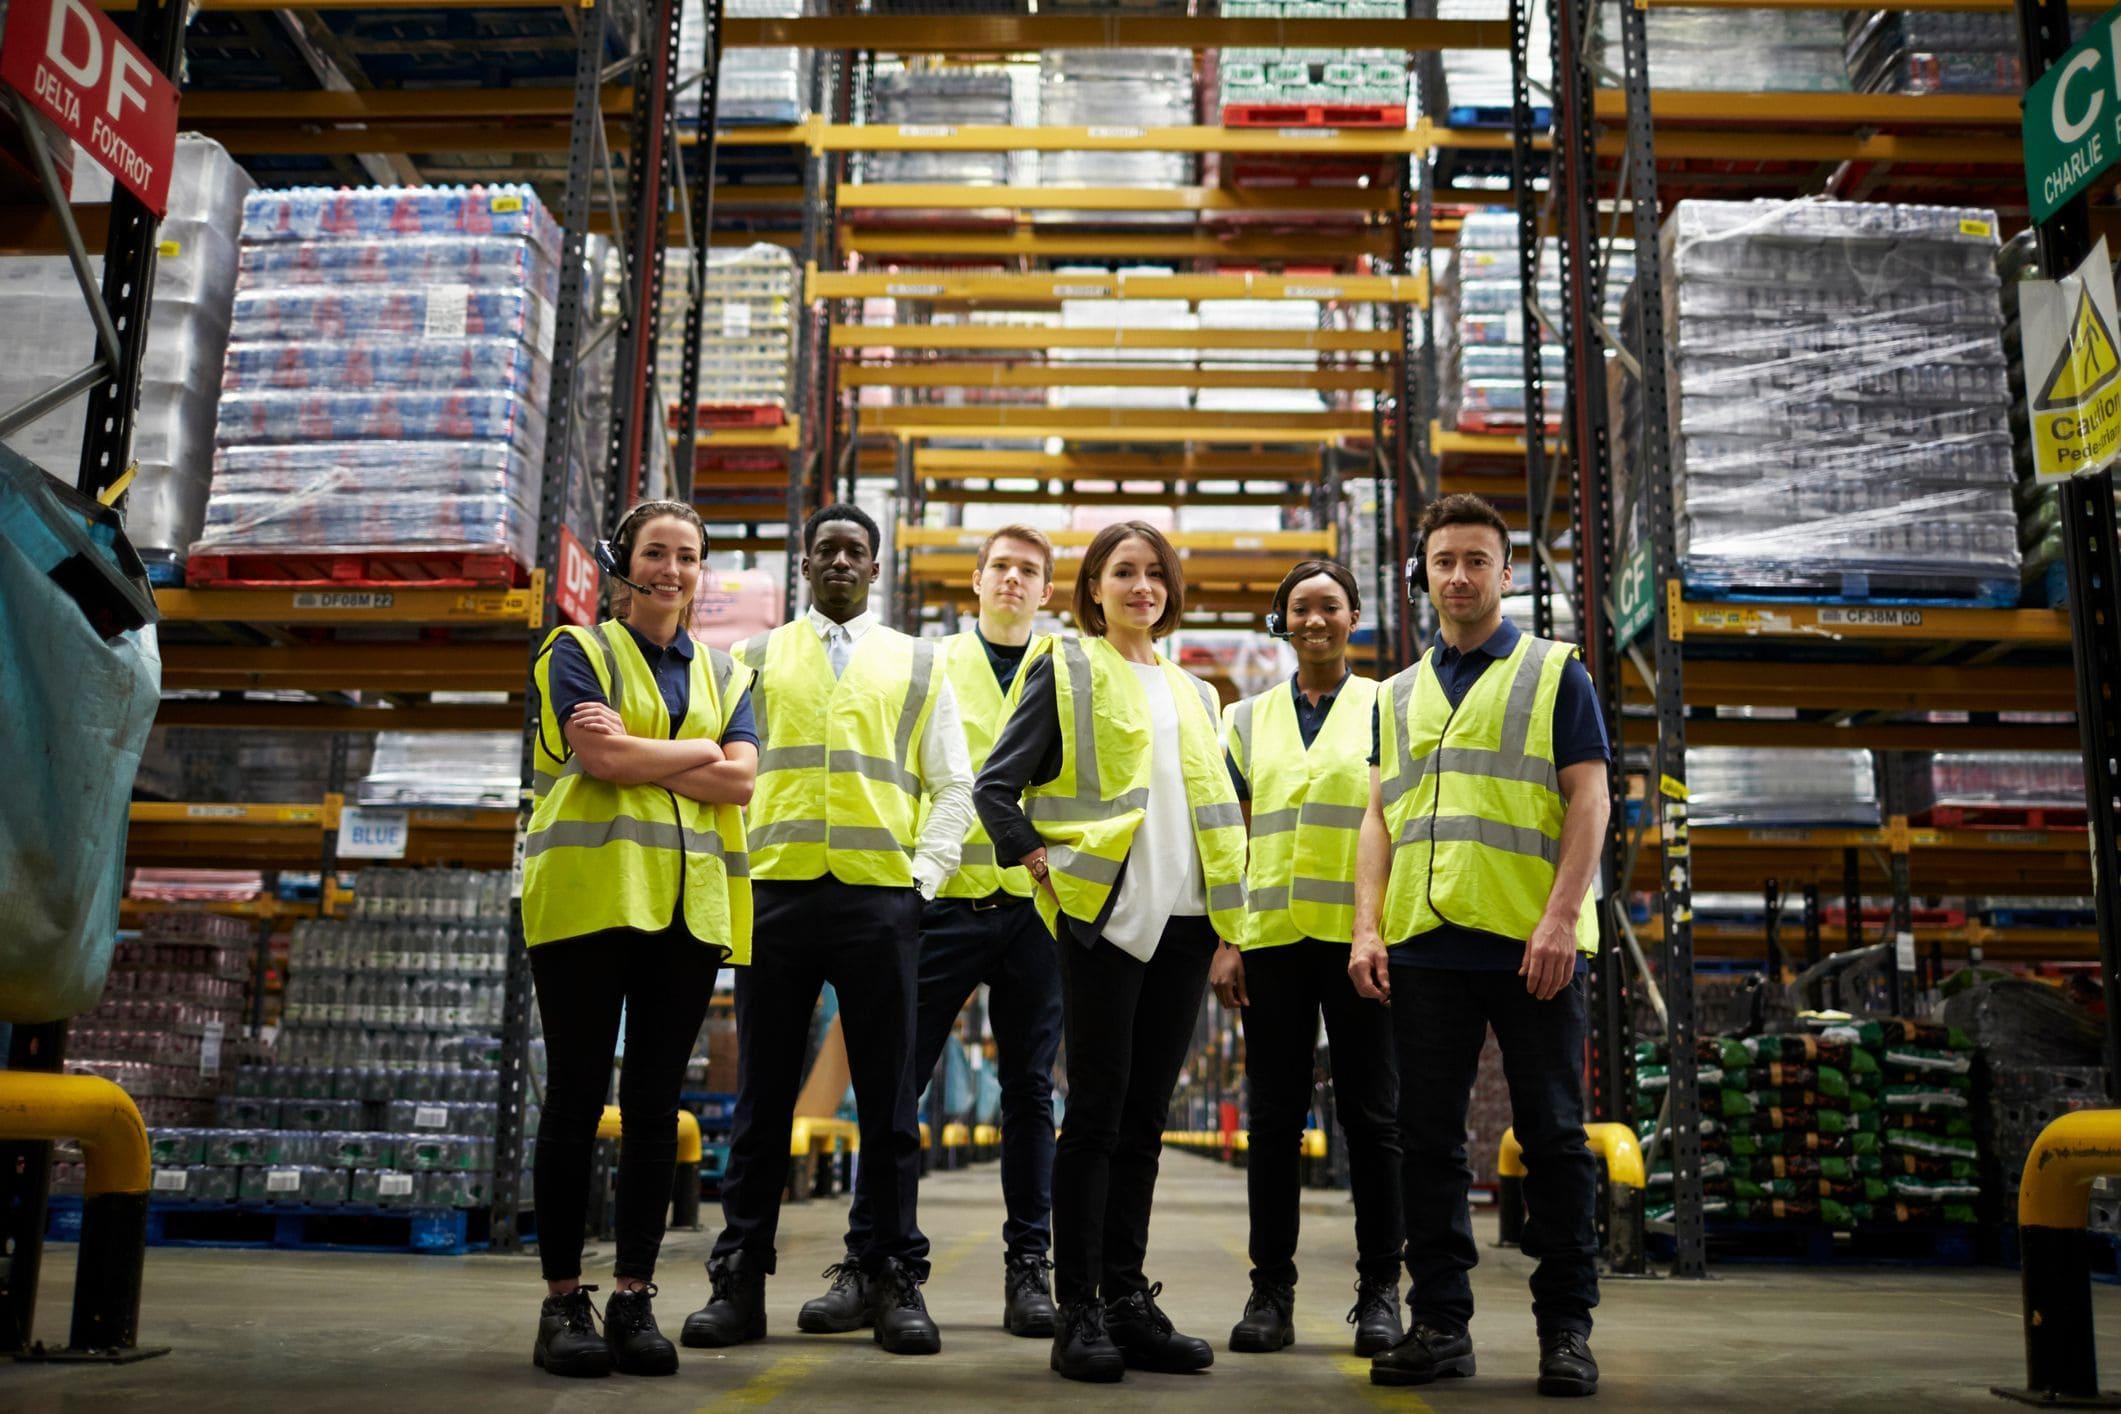 warehouse-staff-team-min.jpeg?mtime=20201221093021#asset:21623